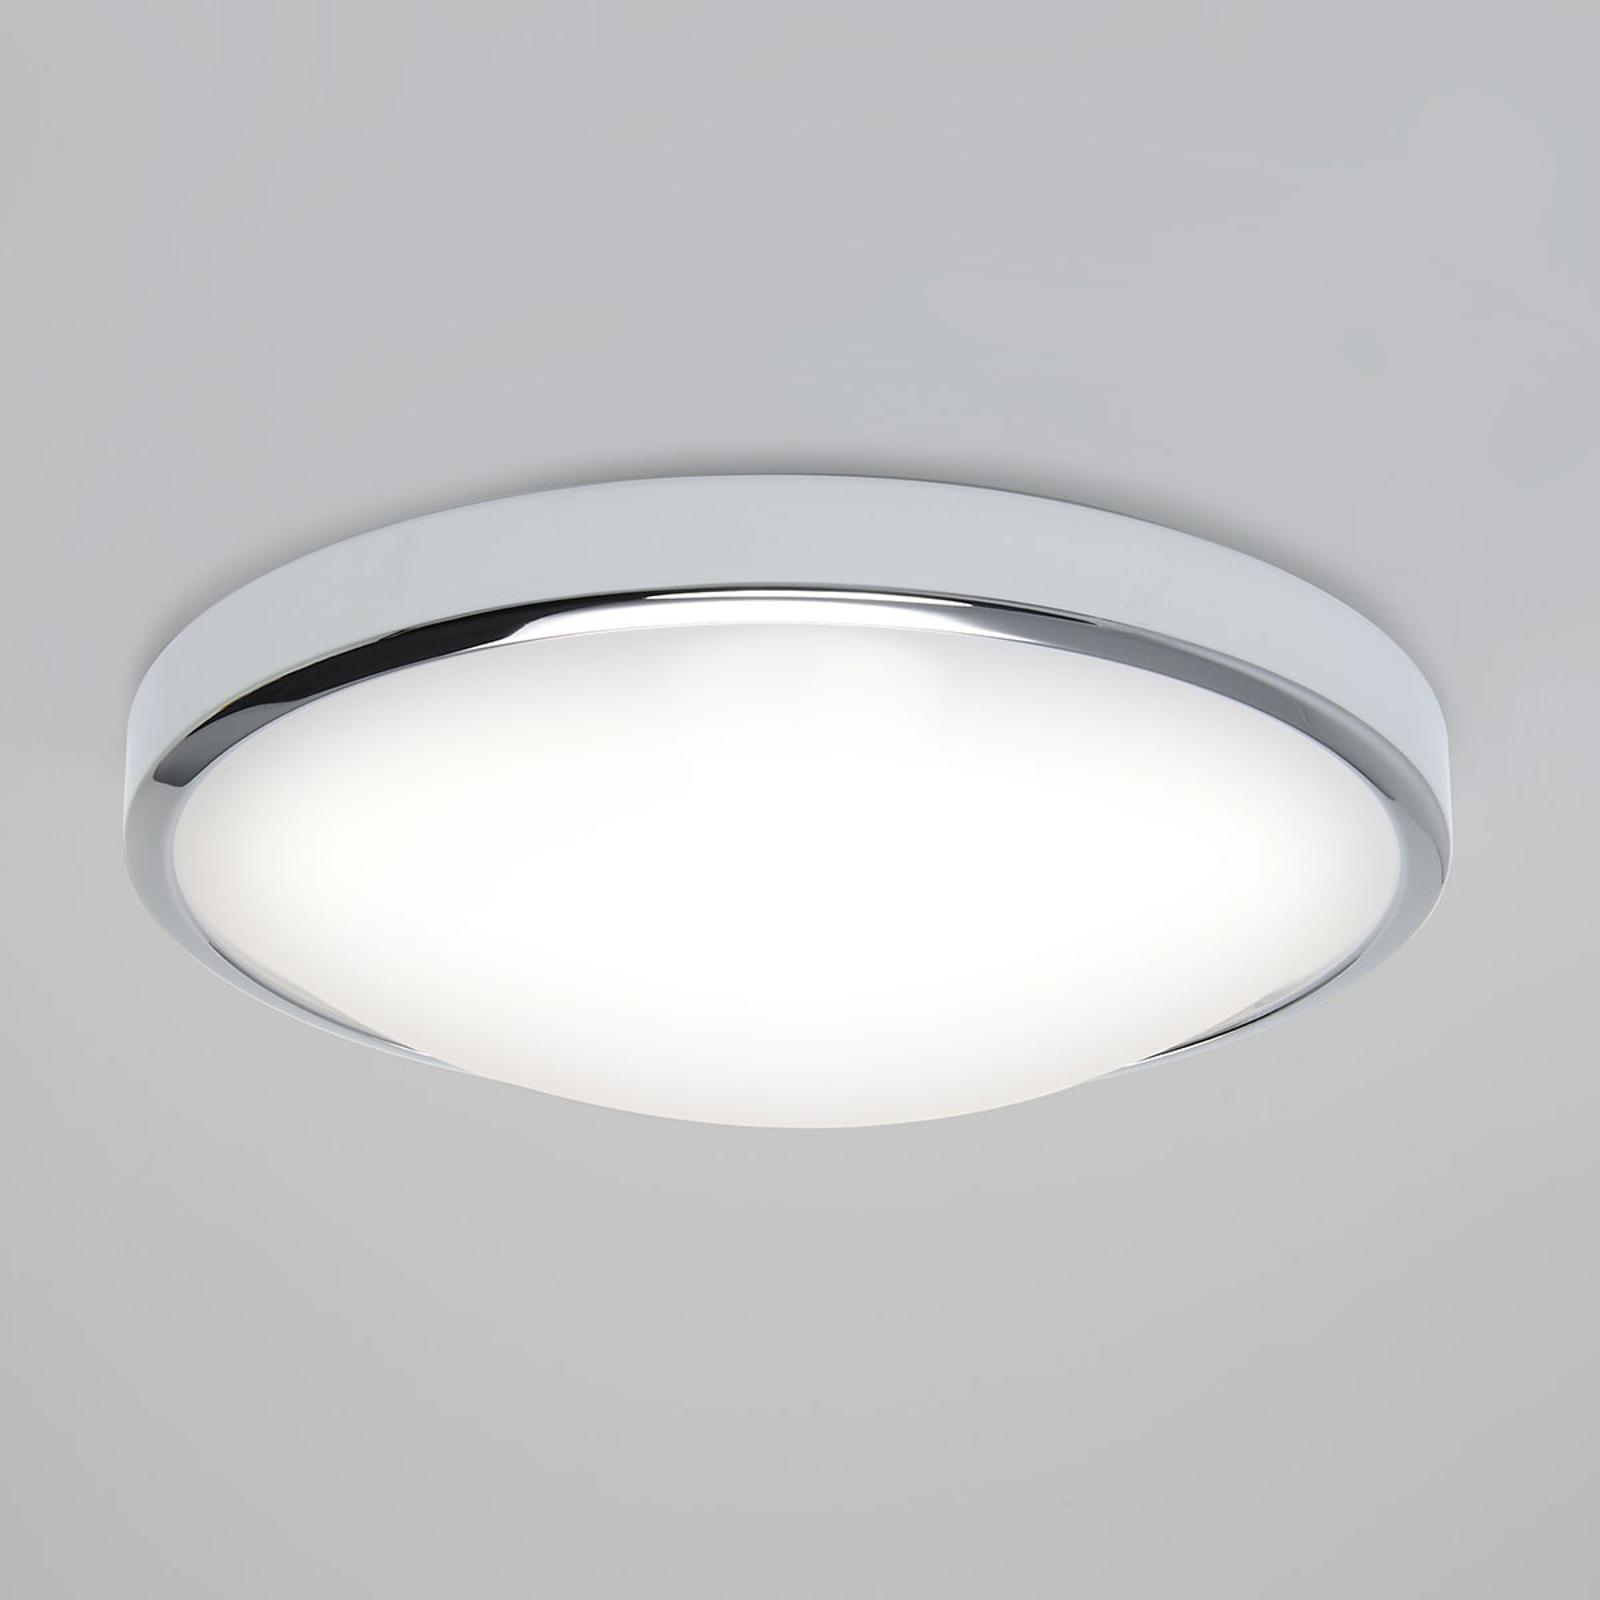 Astro Osaka - runde Badezimmer-LED-Deckenlampe